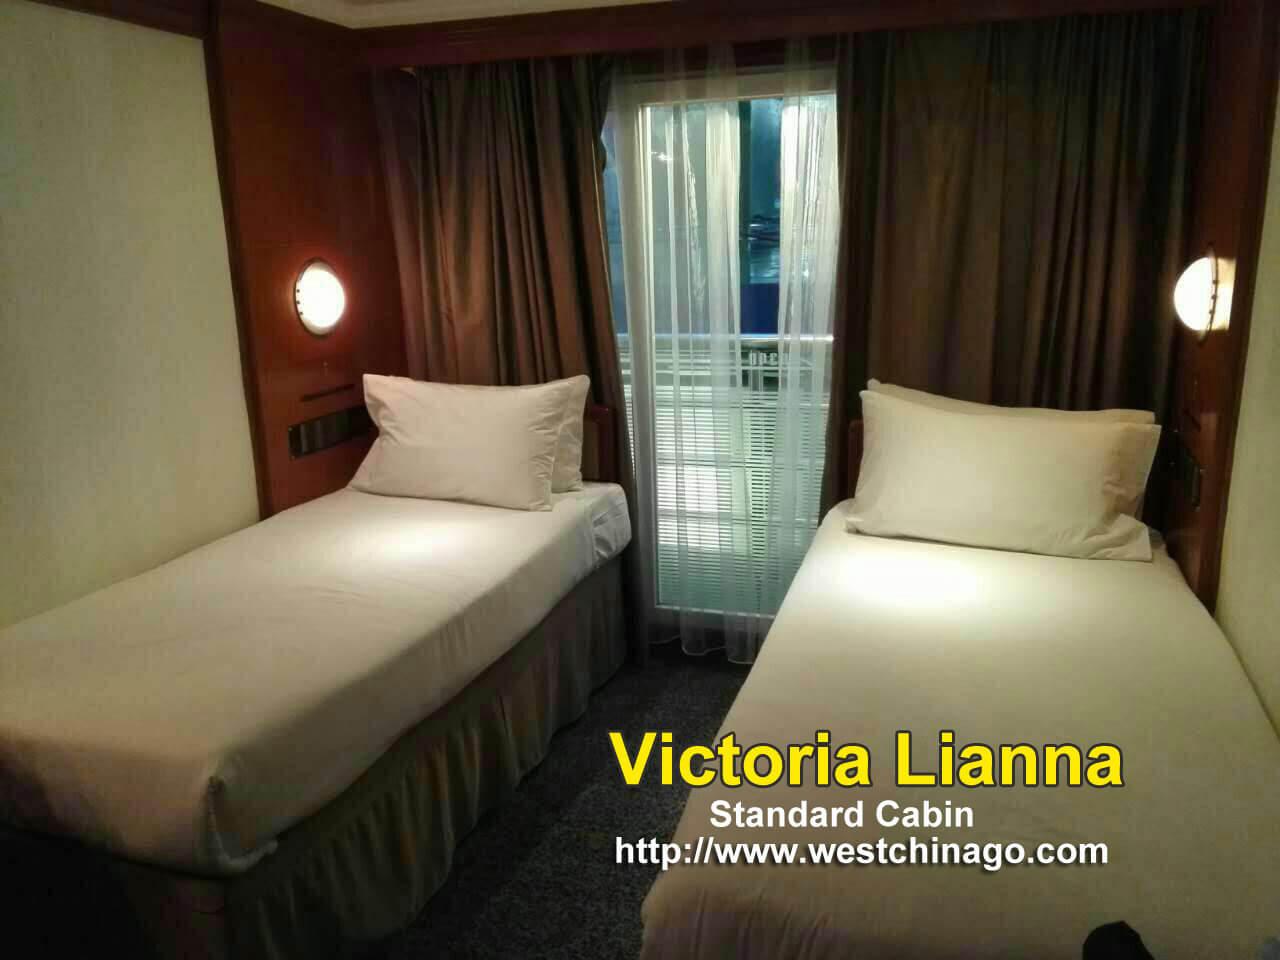 Victoria Lianna standard cabin